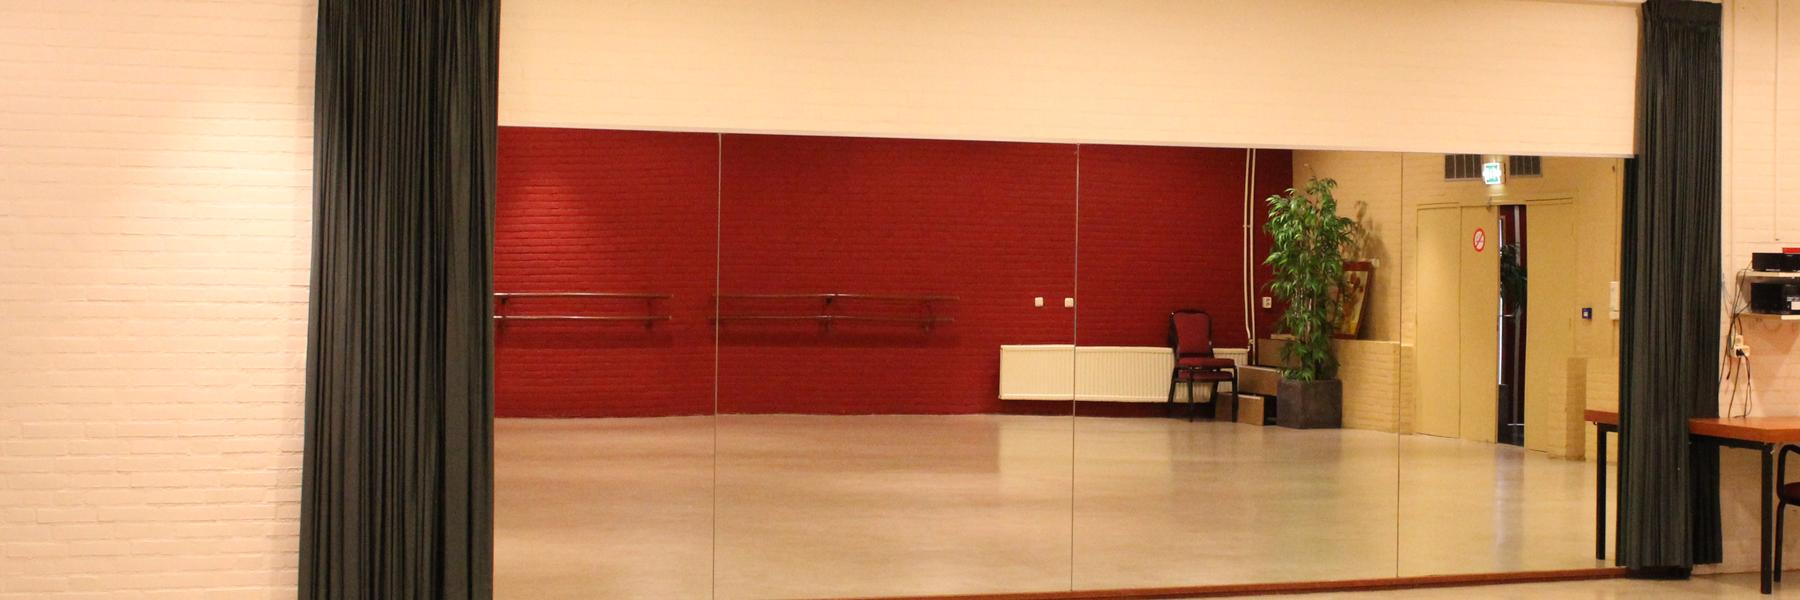 Ballet ruimte met spiegel